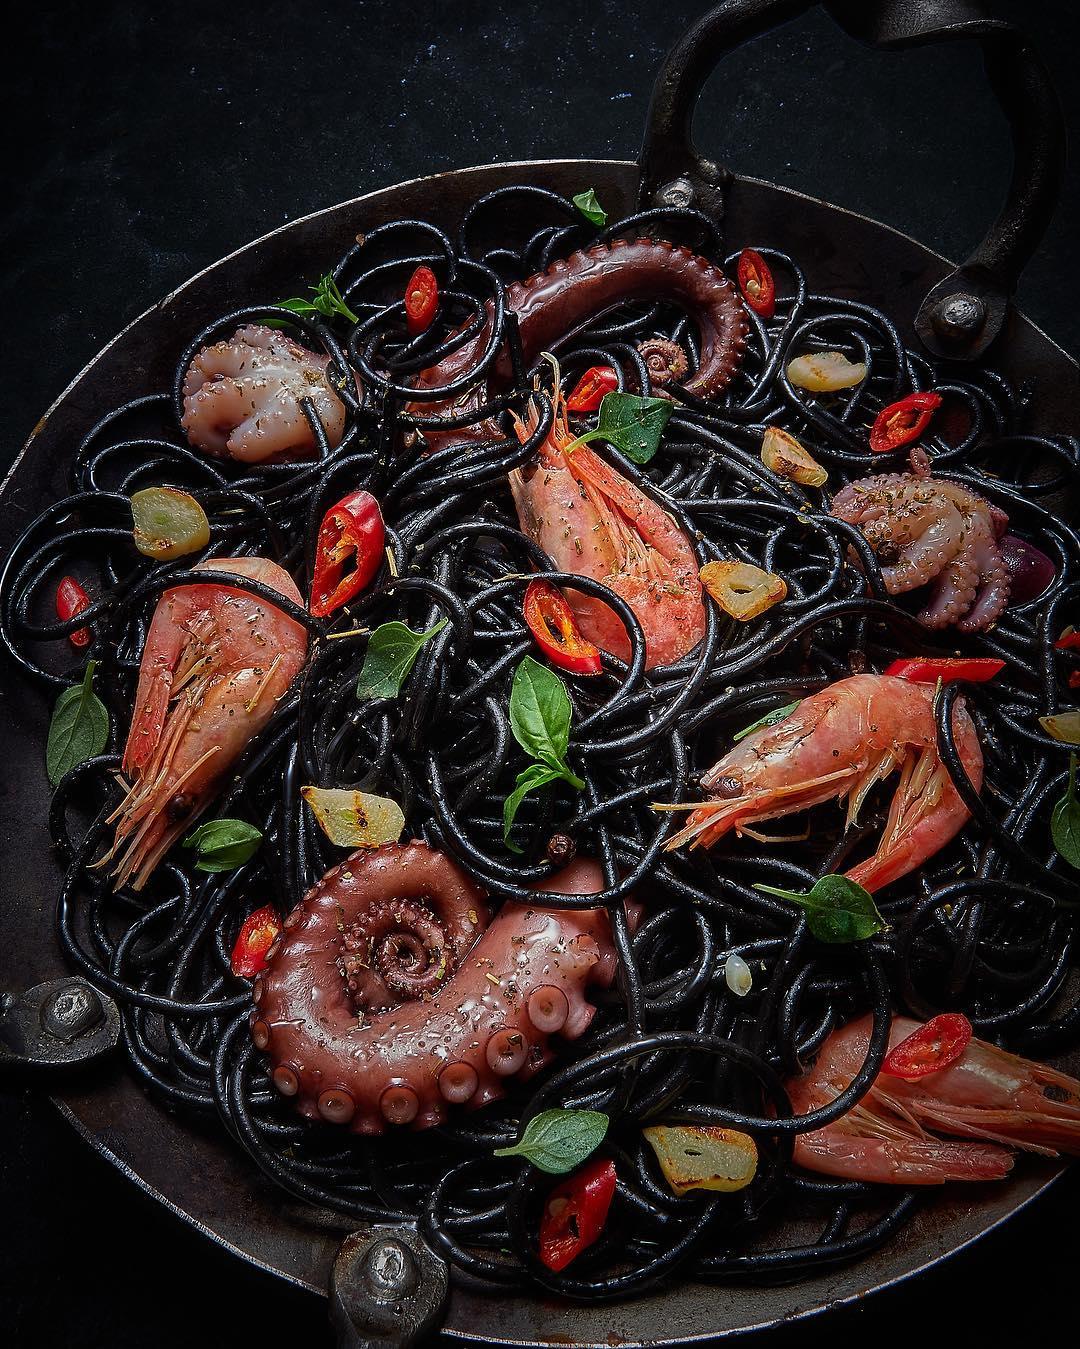 Спагетти с чернилами морской каракатицы и морепродукты